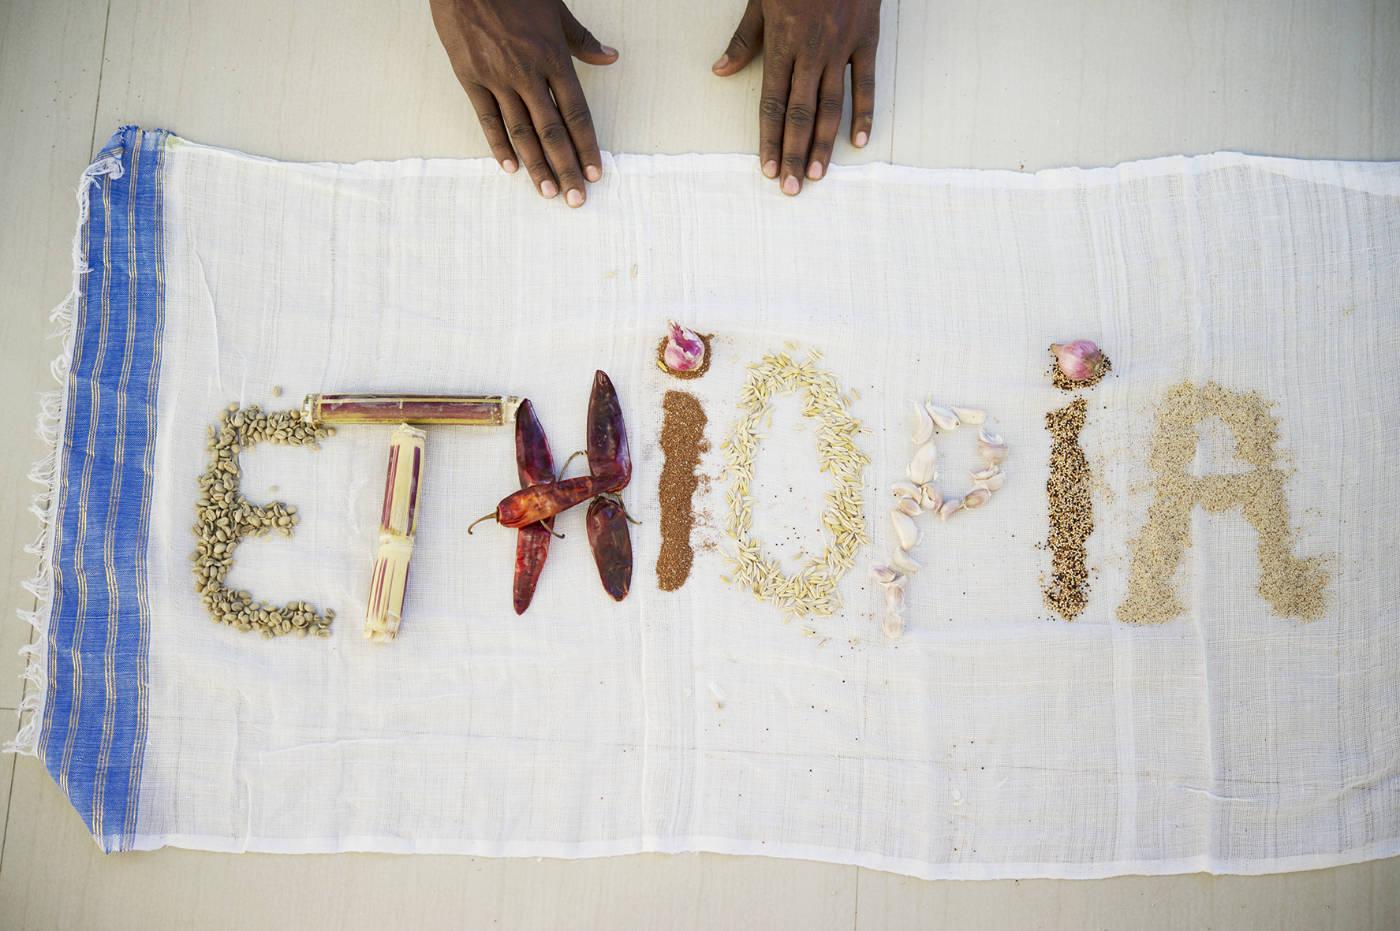 Essen in Äthiopien. Afrikanische Zutaten für das Afrika Kochbuch Eating with Africa